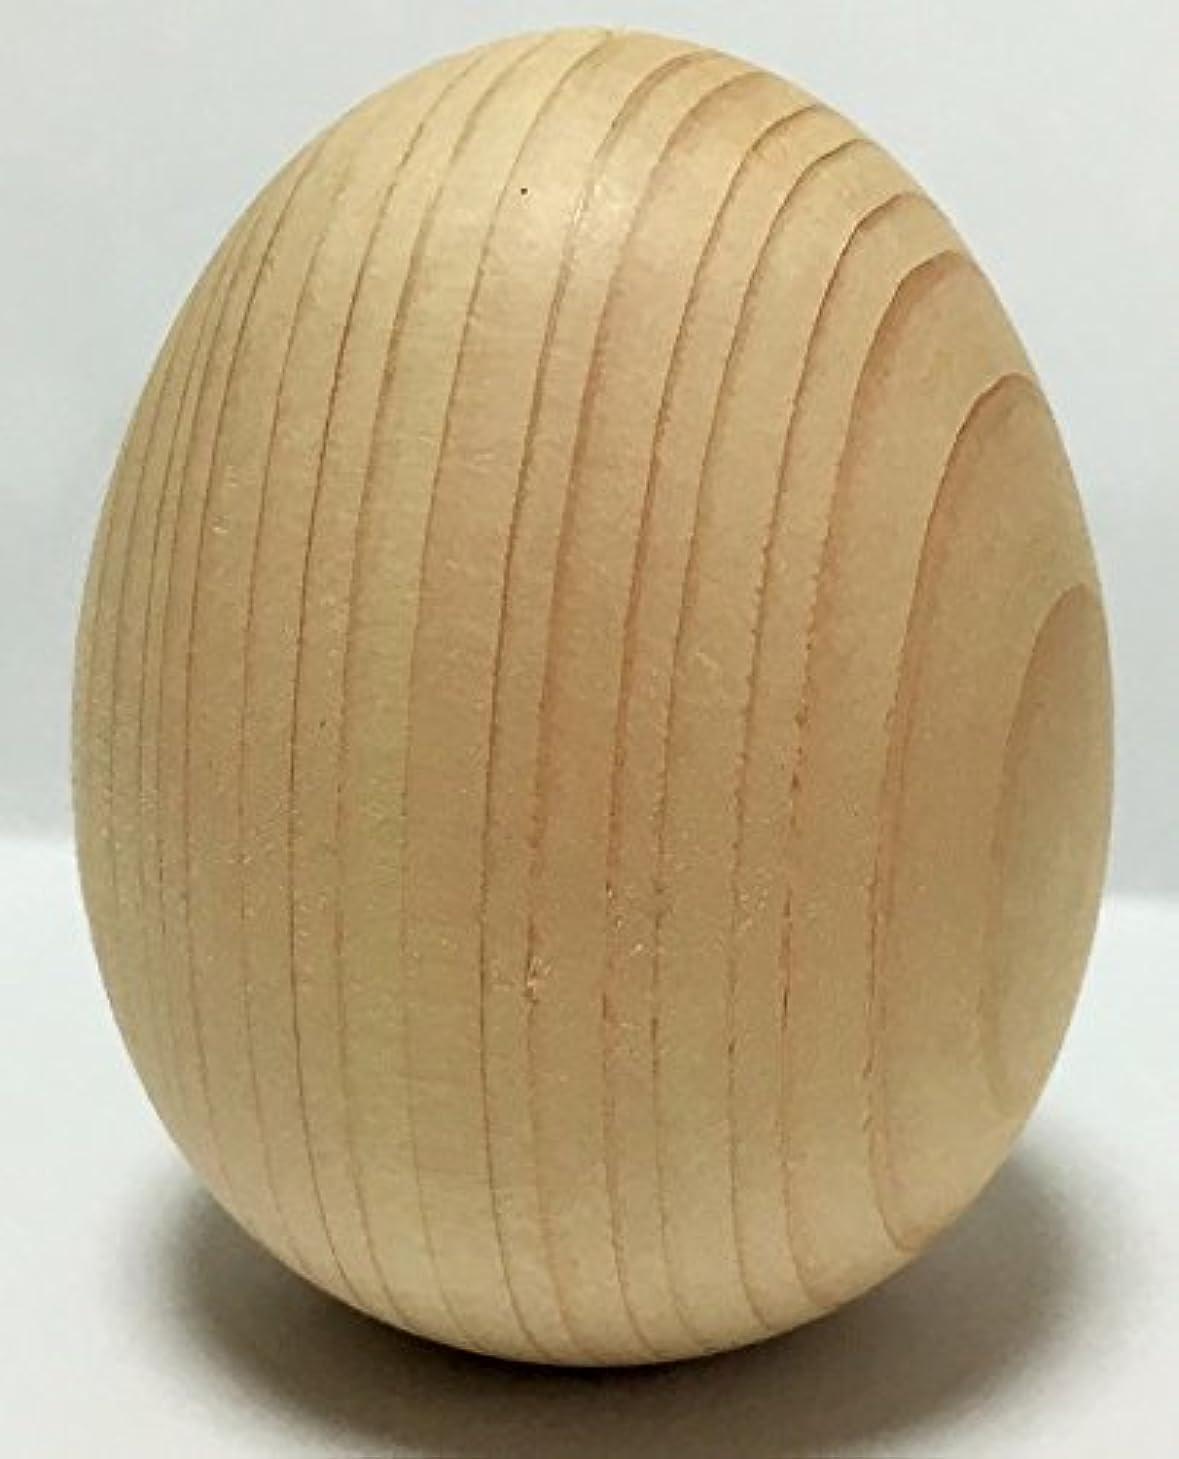 策定するライトニング尽きる1個から購入できる!卵型ヒノキボール タマゴ型 檜ボール 桧ボール ひのきボール 玉